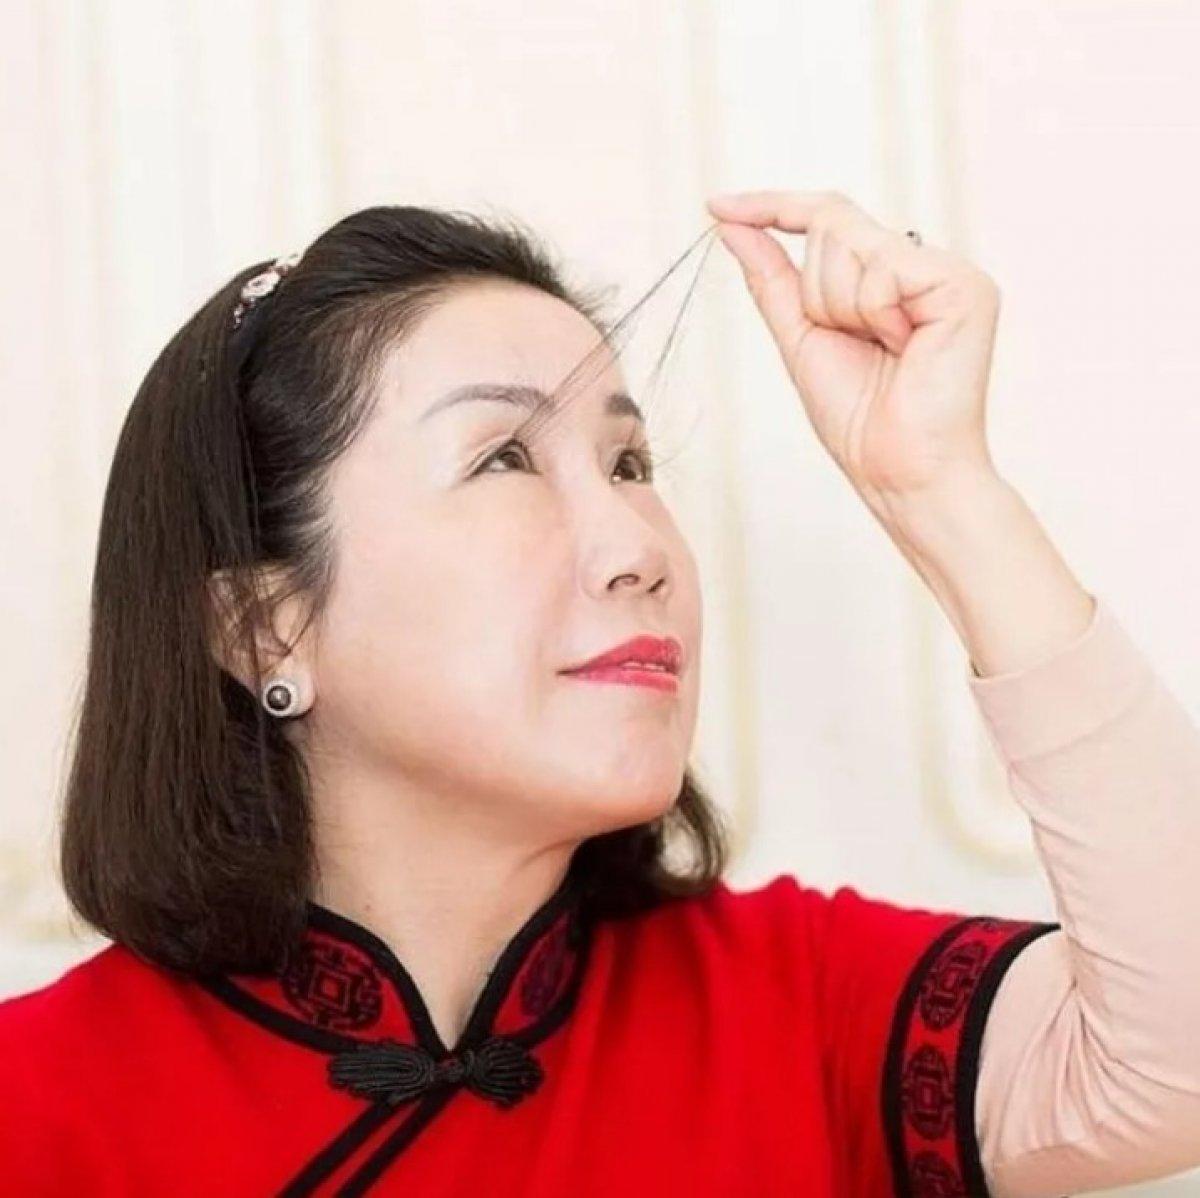 Çinli kadın kirpikleriyle ikinci kez dünya rekoru kırdı #5